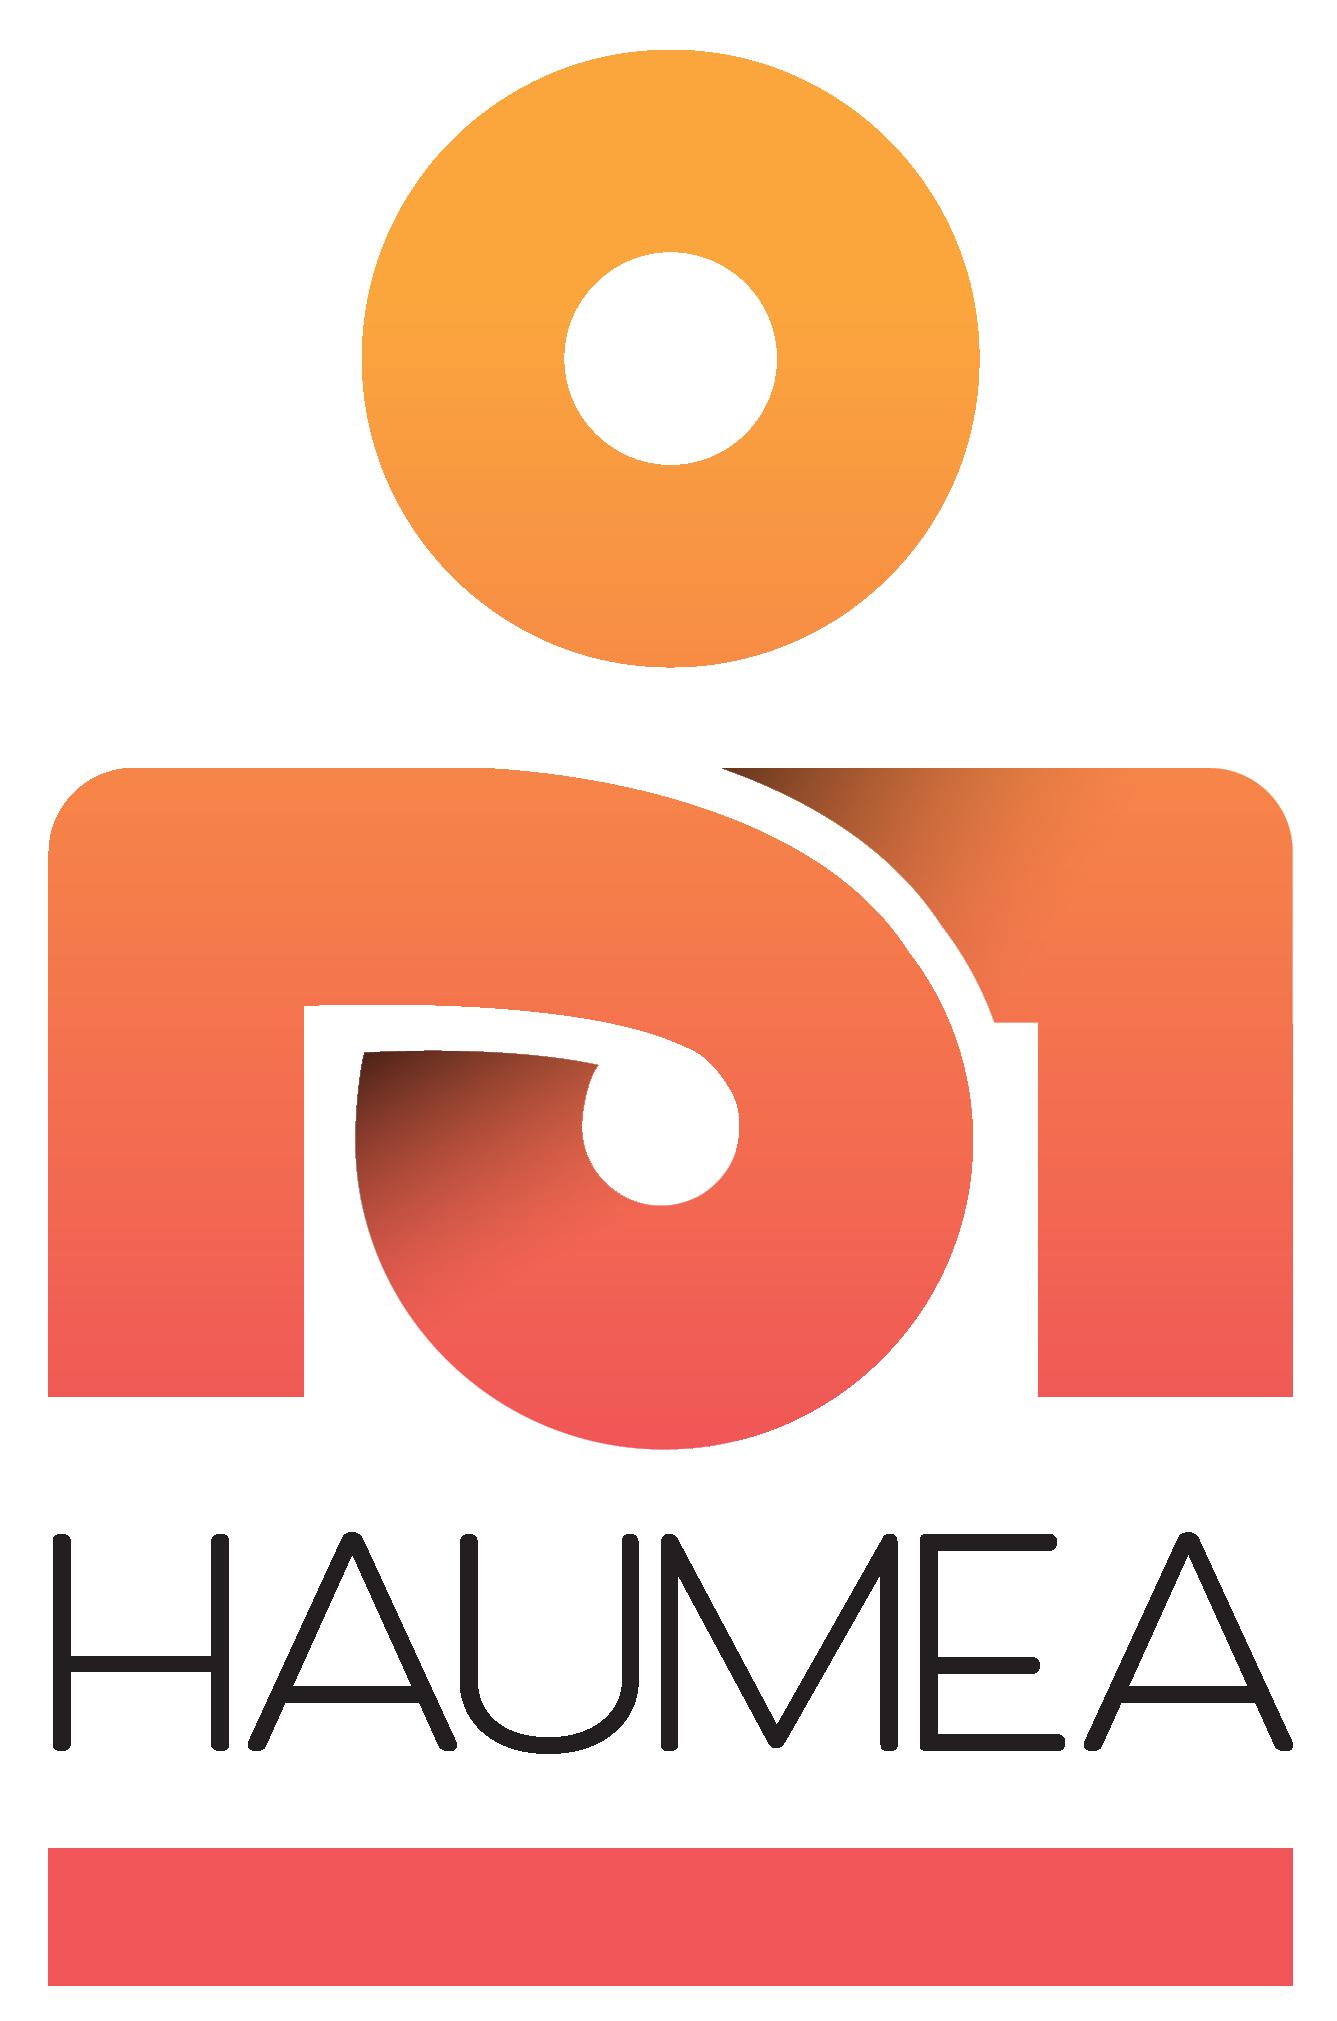 Haumea_Fonts_RGB.png